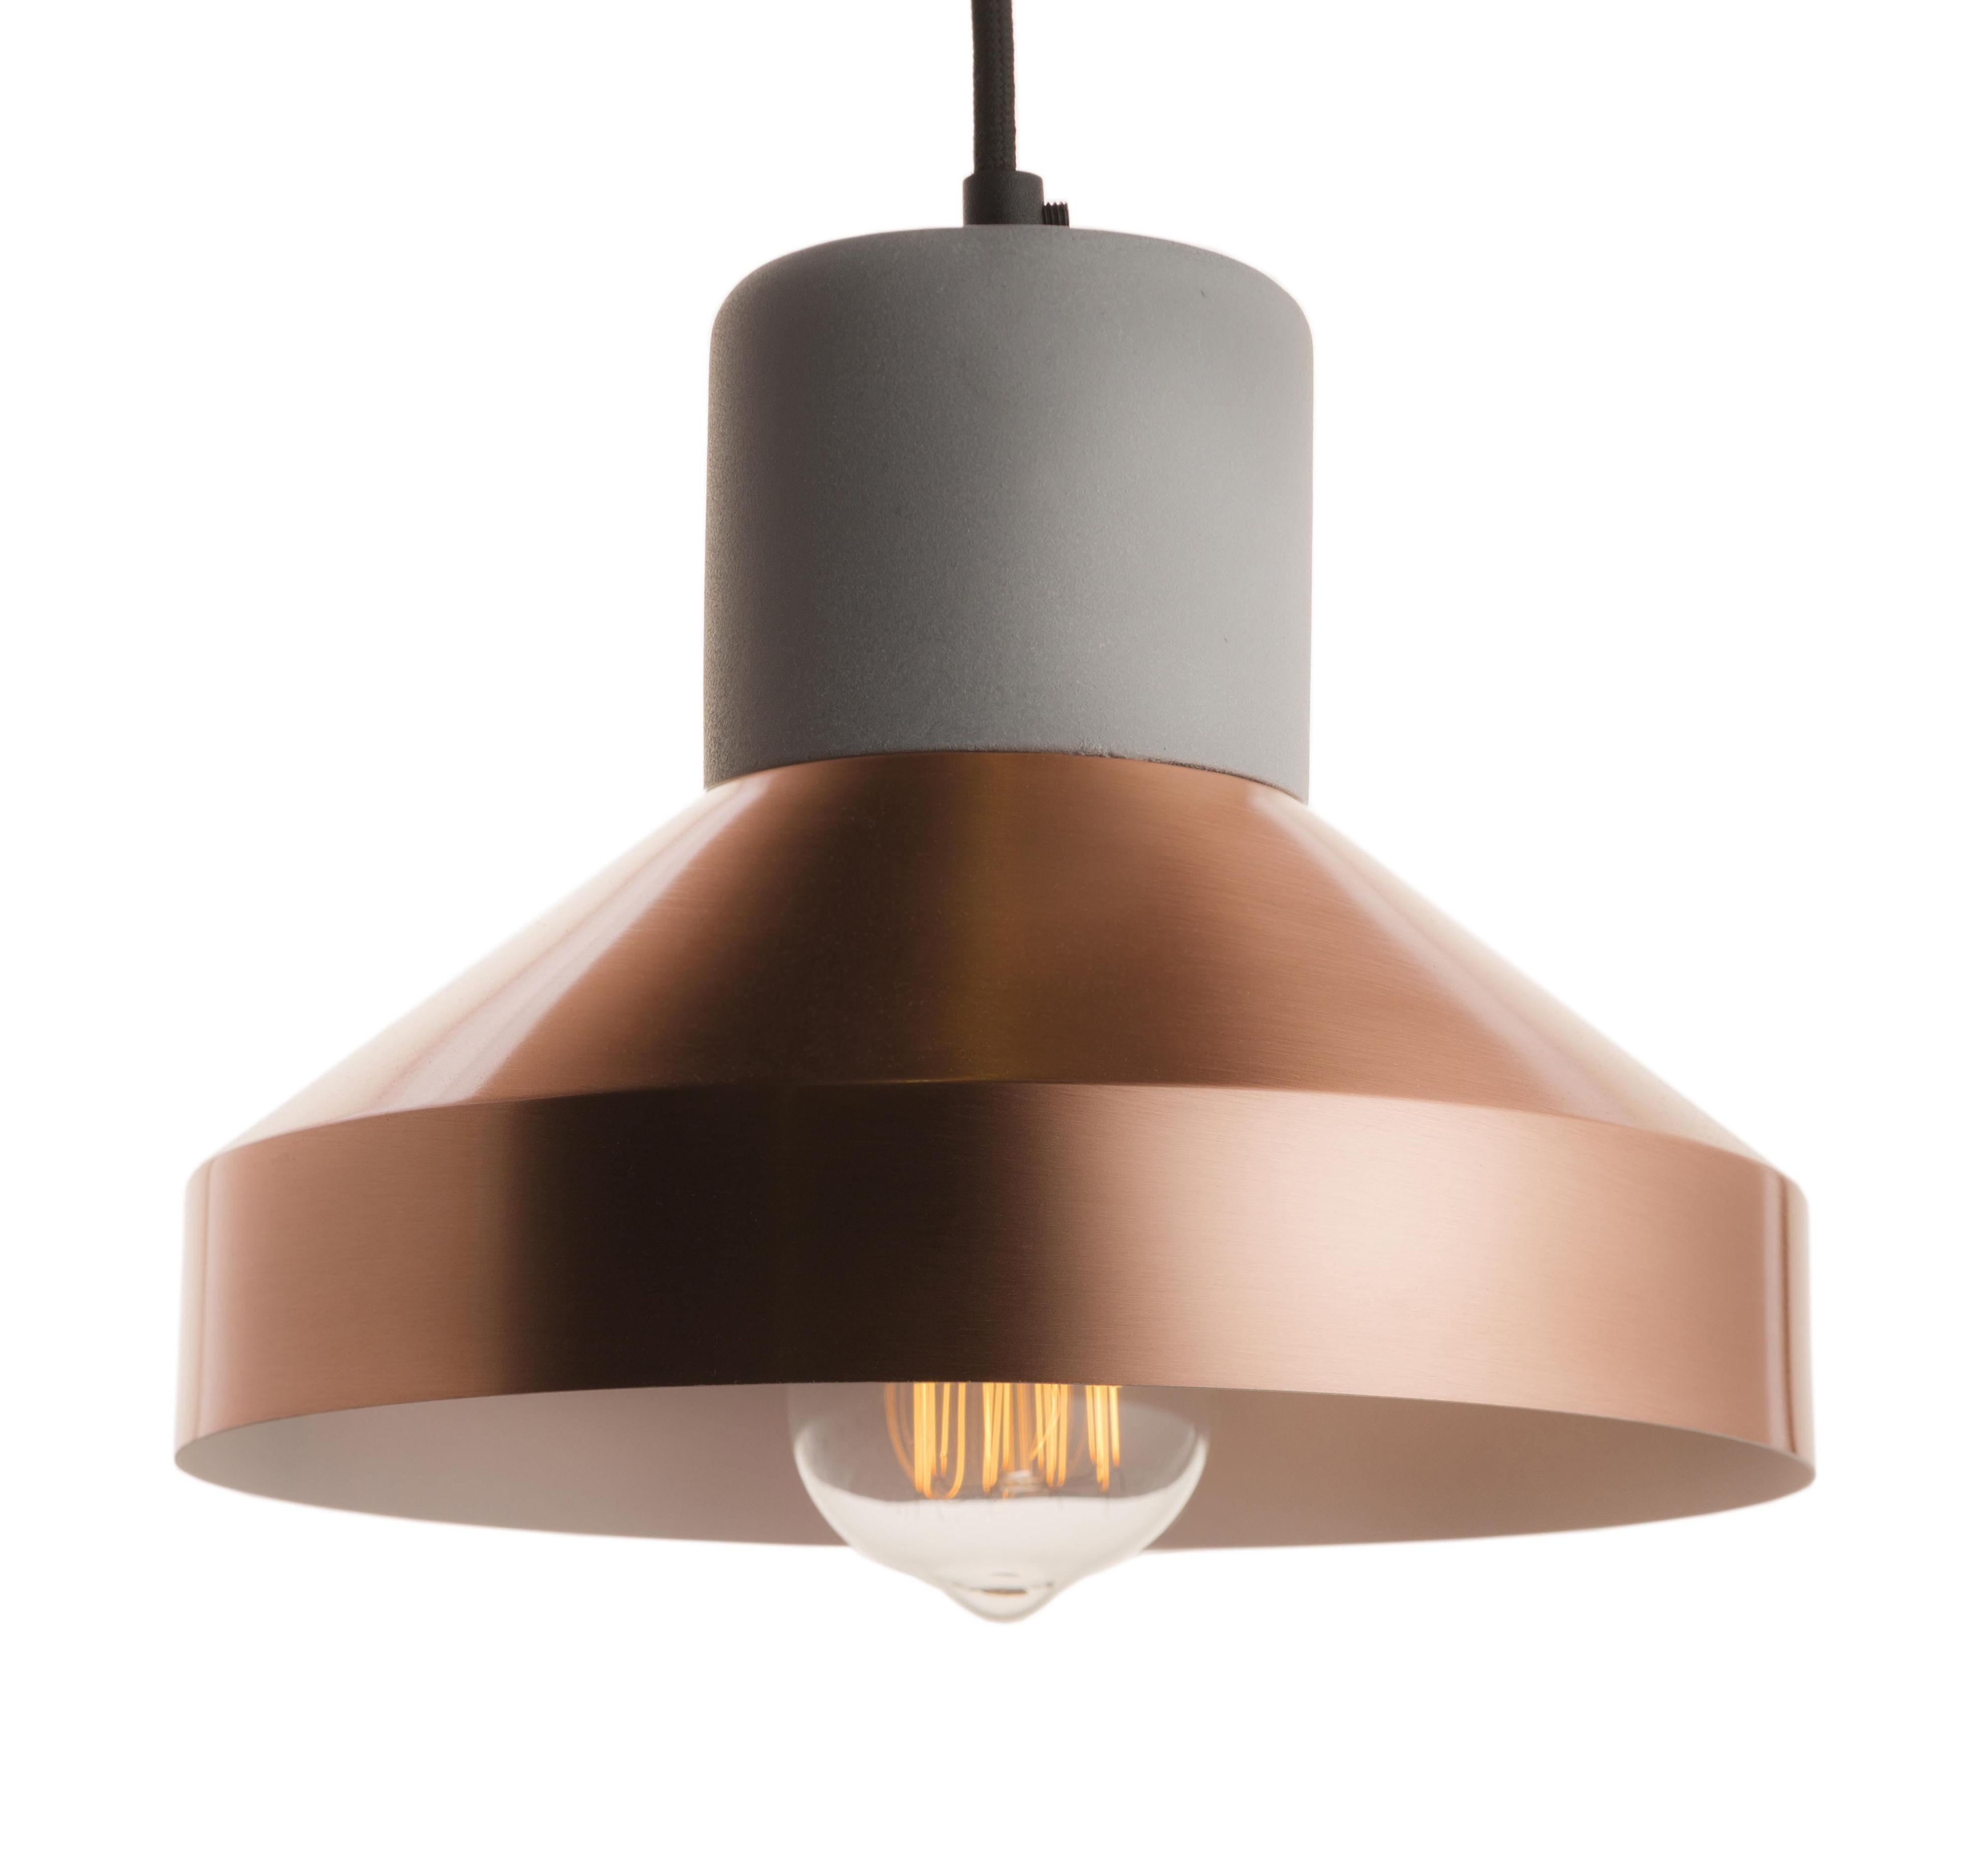 Luminaire - Suspensions - Suspension Steel Wood L / Béton & métal mat - Ø 24 cm - Spécimen Editions - Béton gris / Cuivre mat - Béton, Métal finition cuivre mat